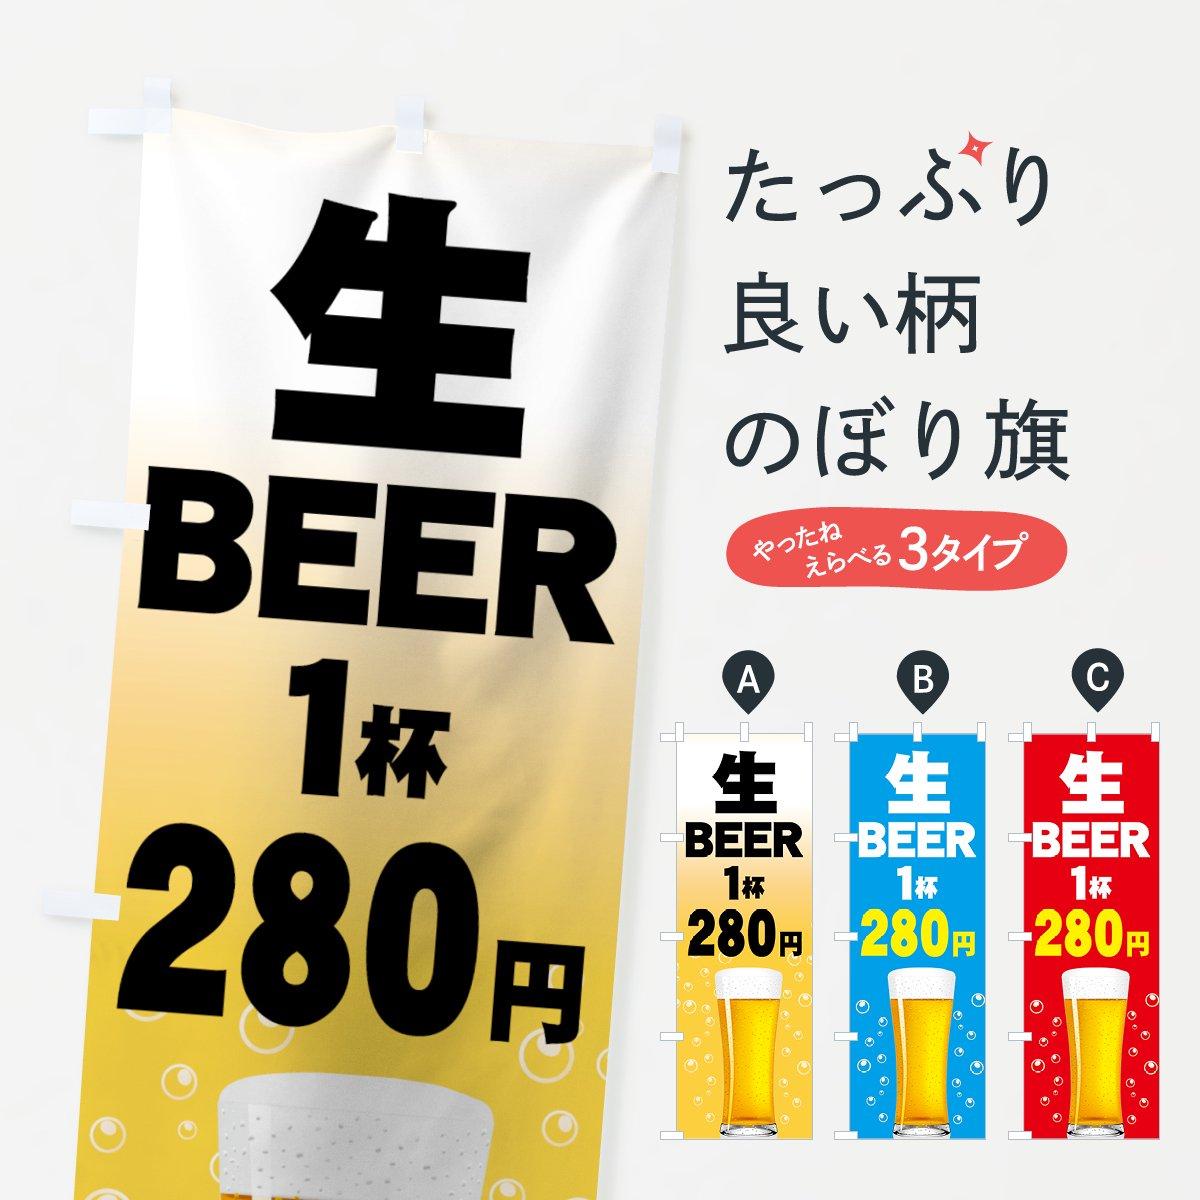 のぼり旗 生ビール 【値替無料】